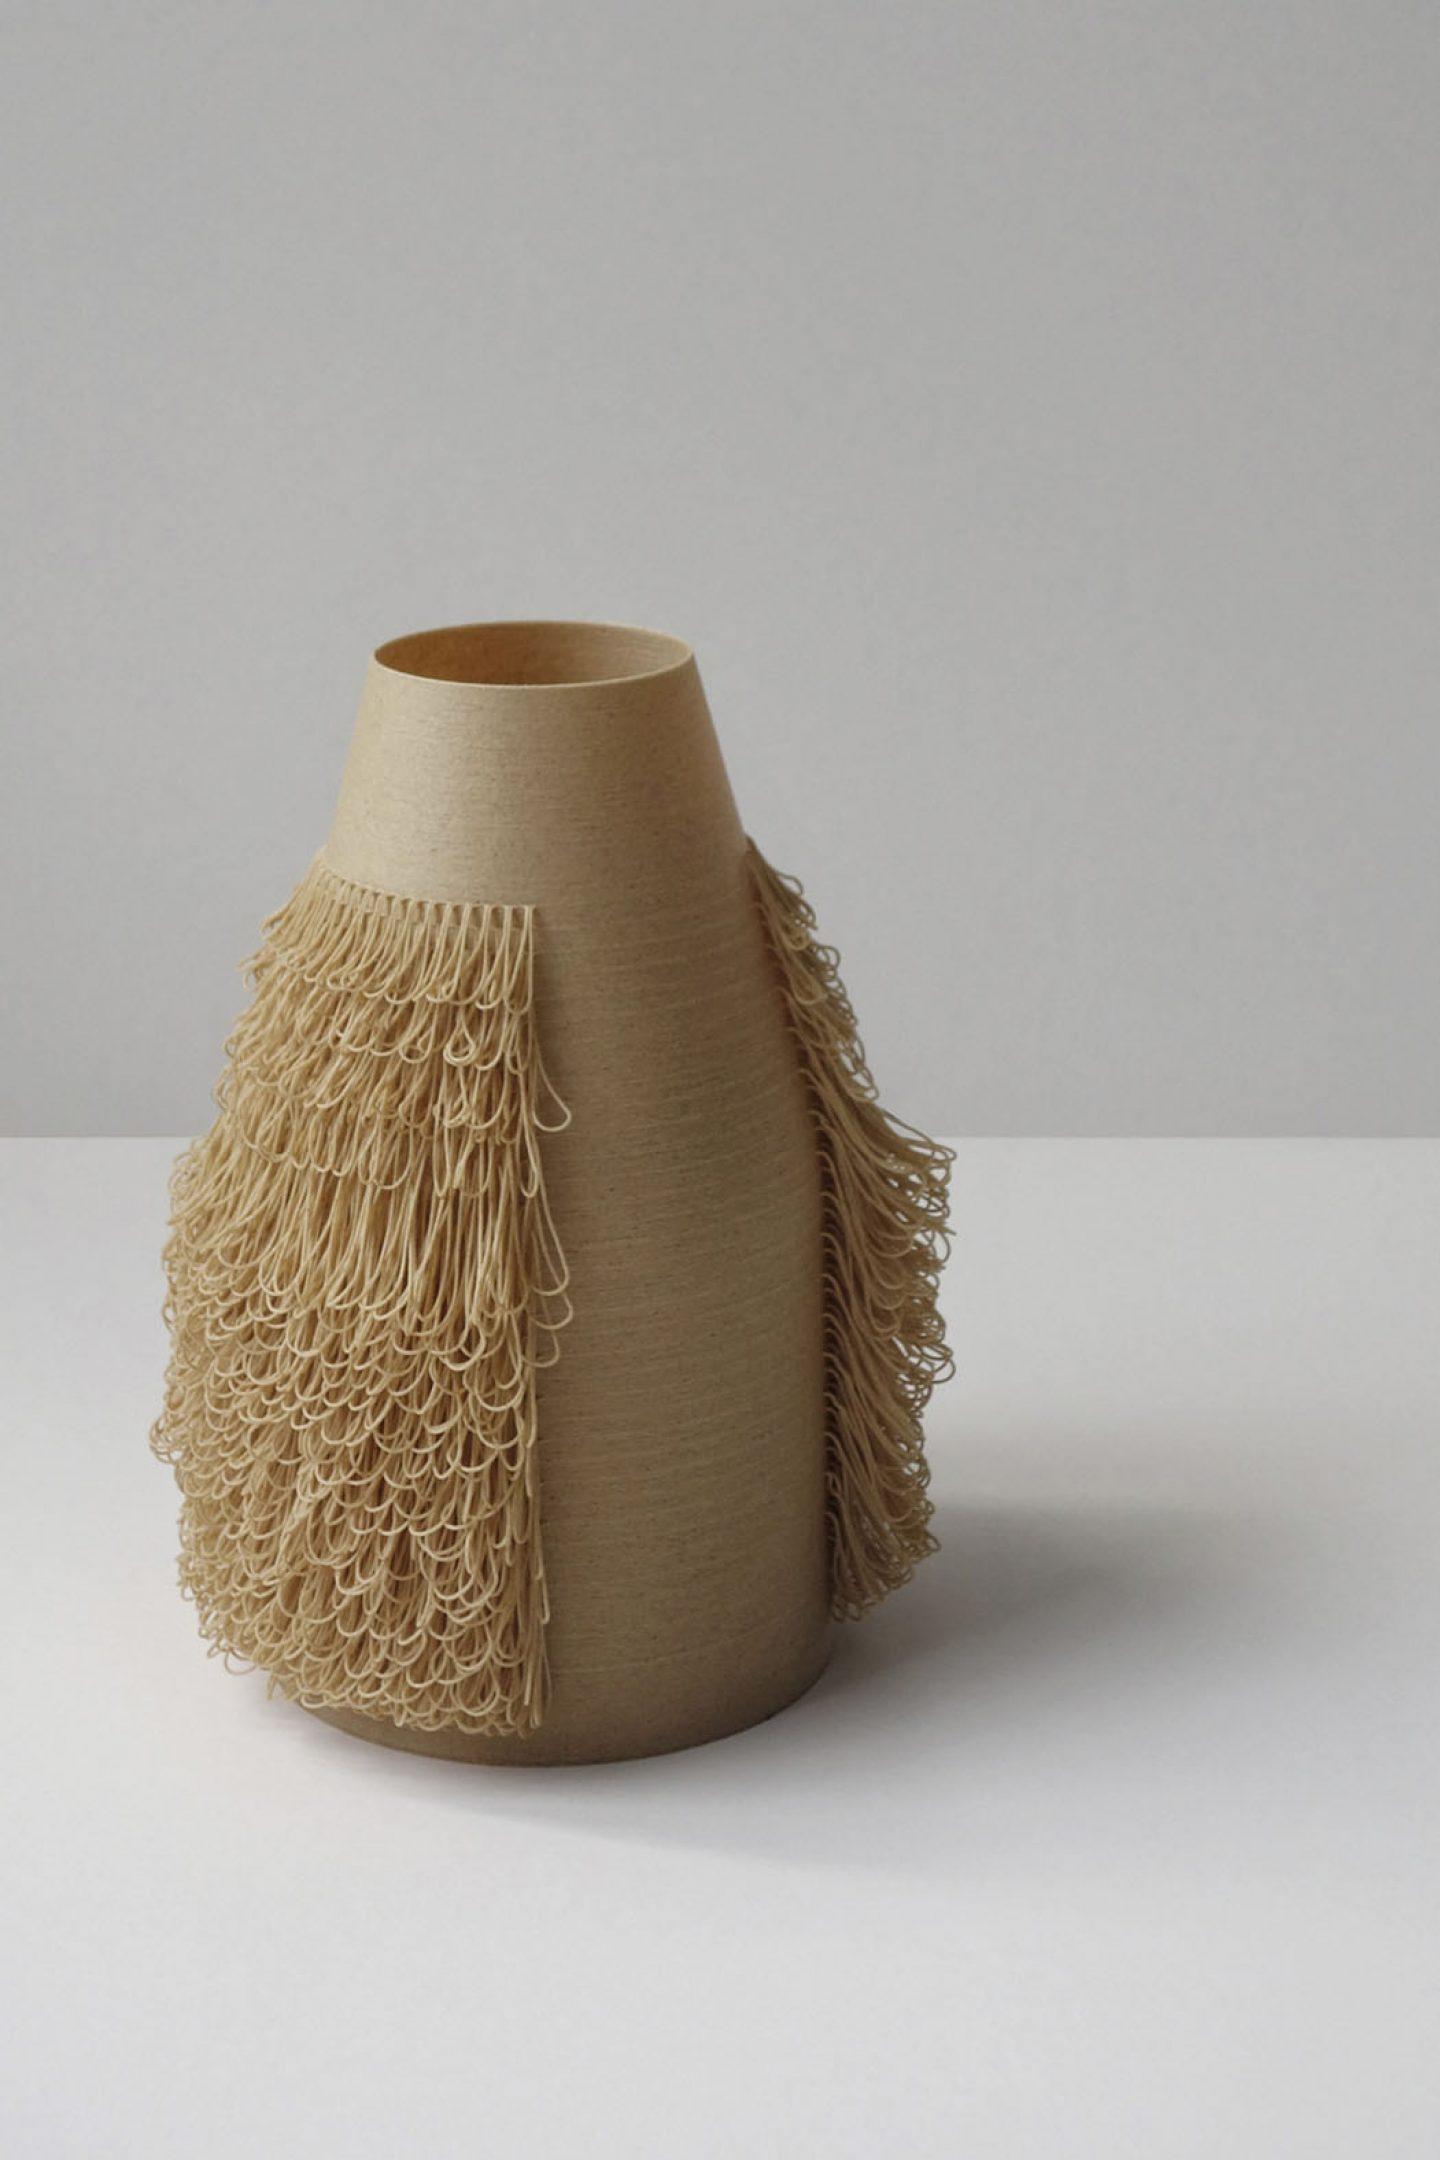 iGNANT_Design_Aybar_Poilu_Vases_2